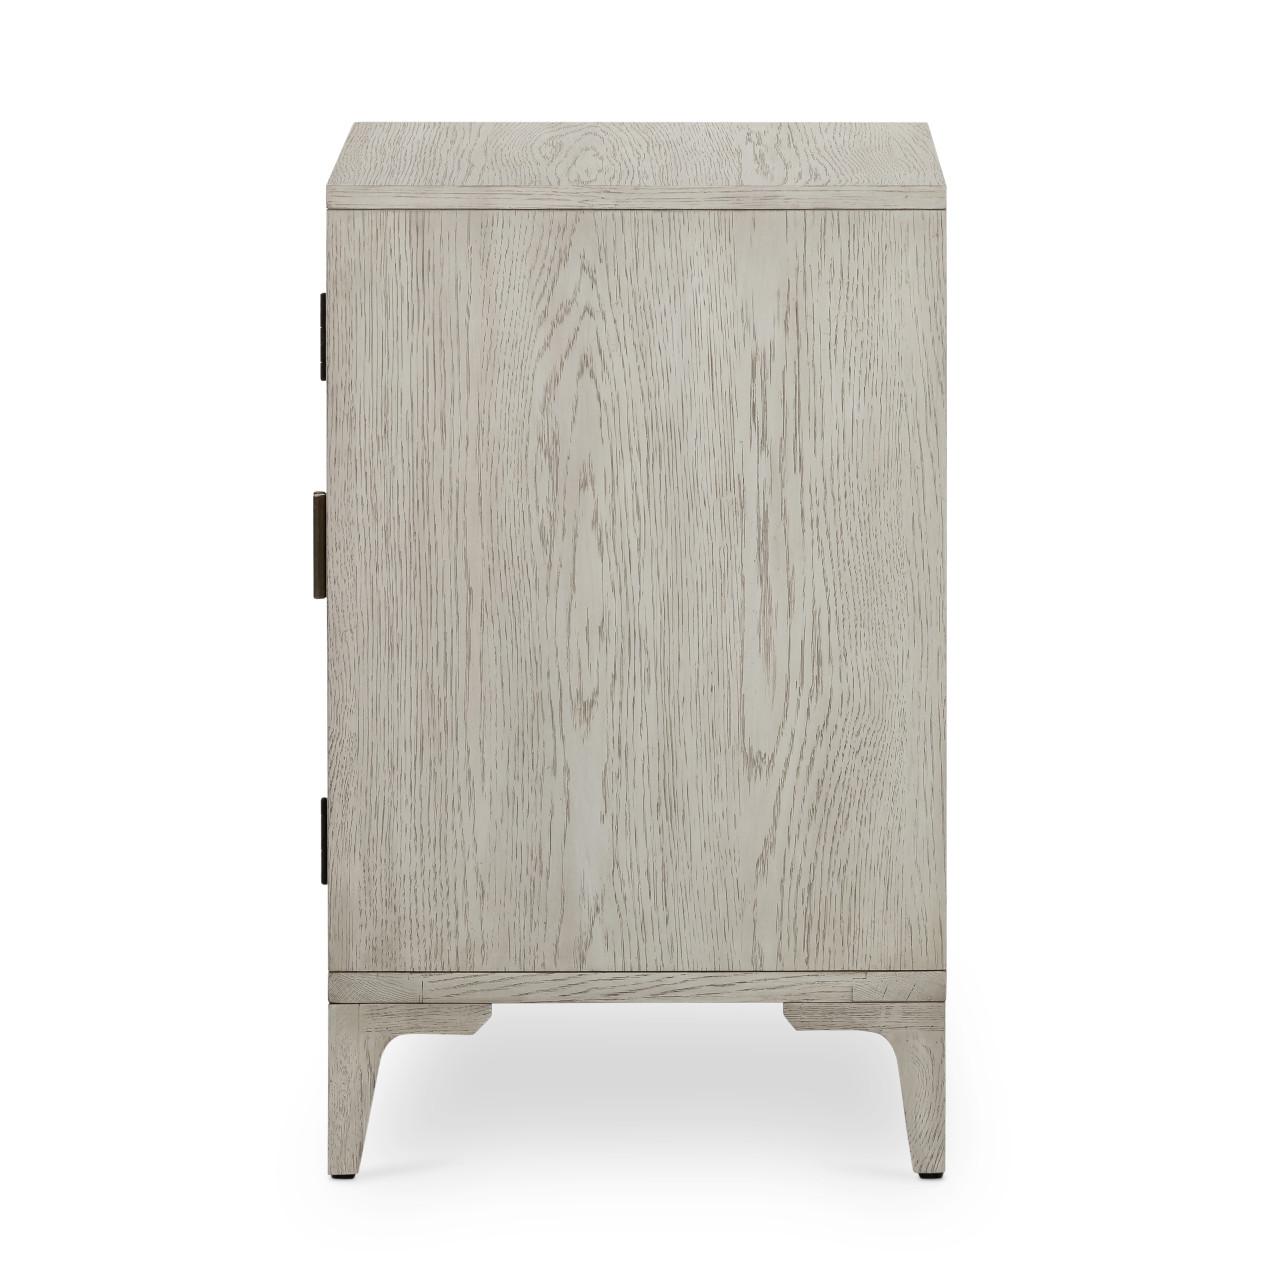 Vienna Cabinet Nightstand - Vintage White Oak